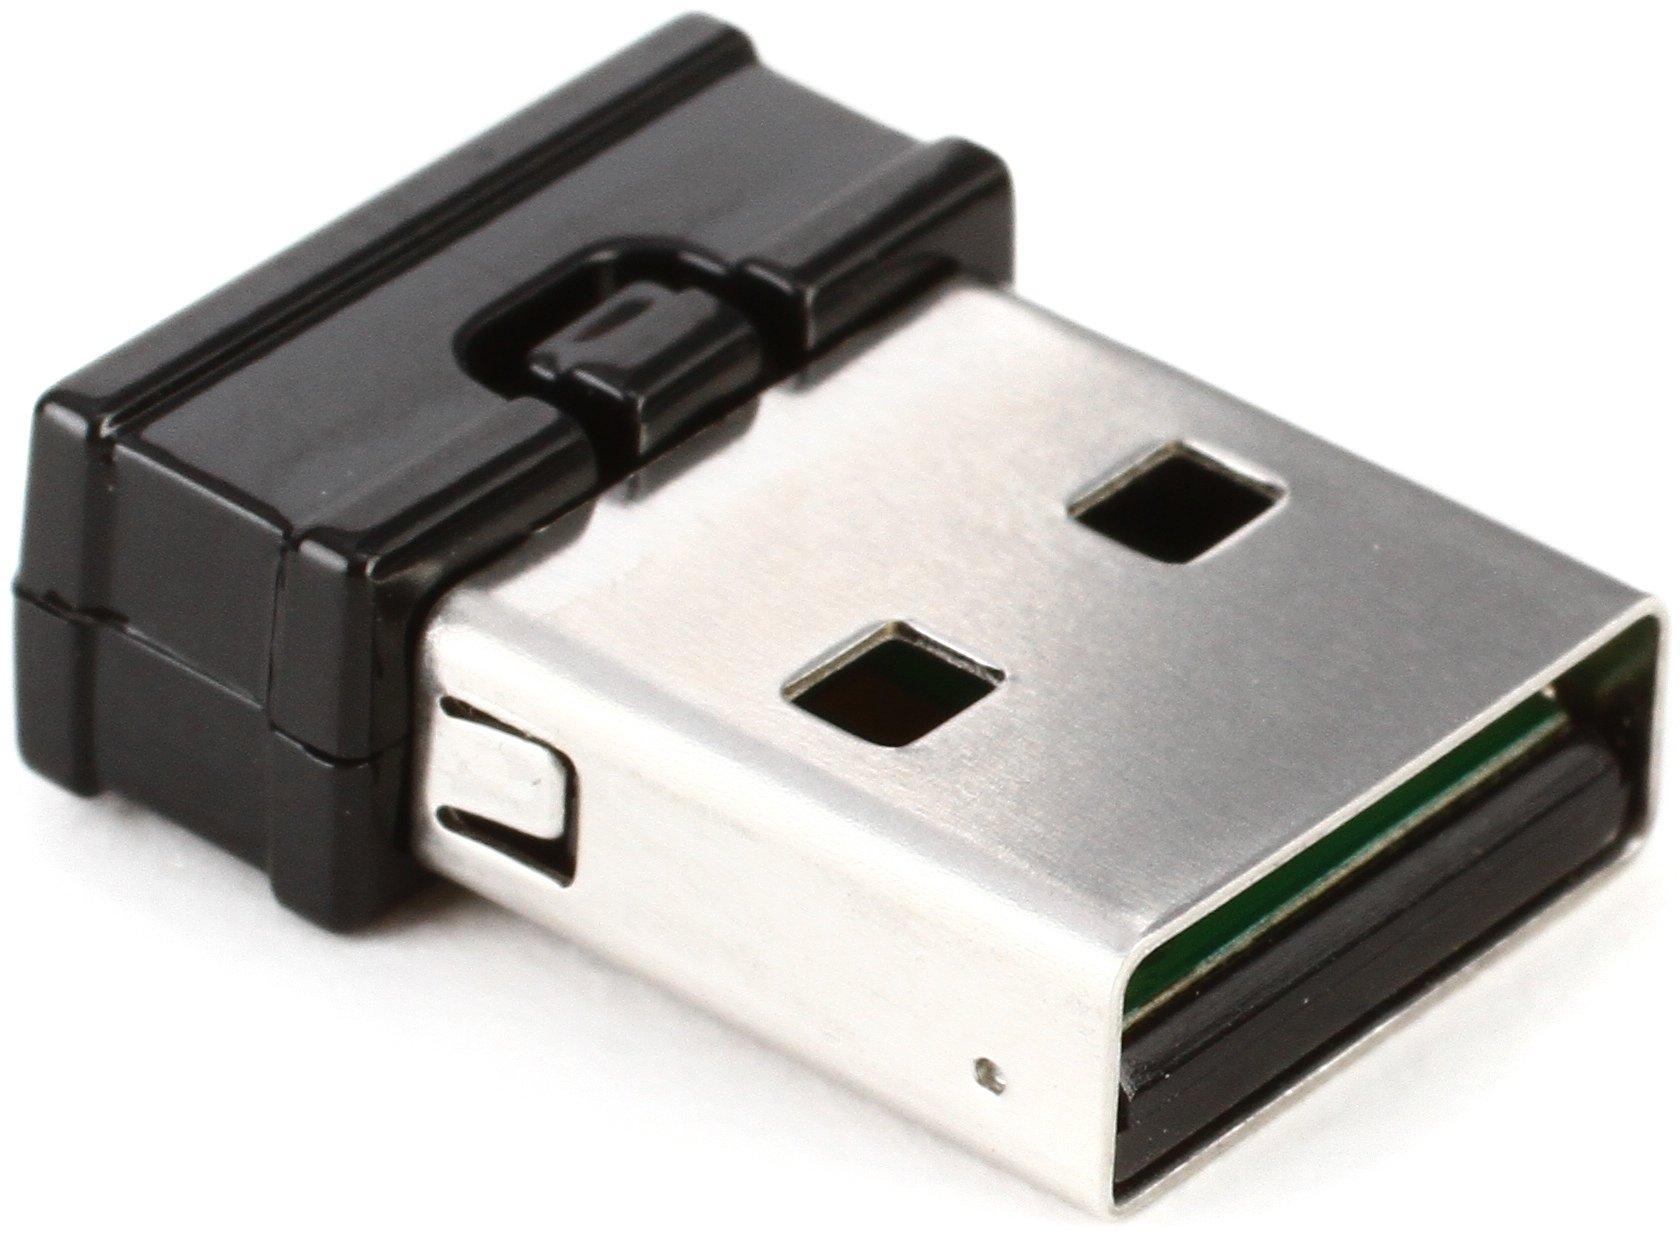 FidgetGear Camera Battery Charger for Panasonic VSK0650 VSK0651 VSK0631 PV-DAC14D VSK0698